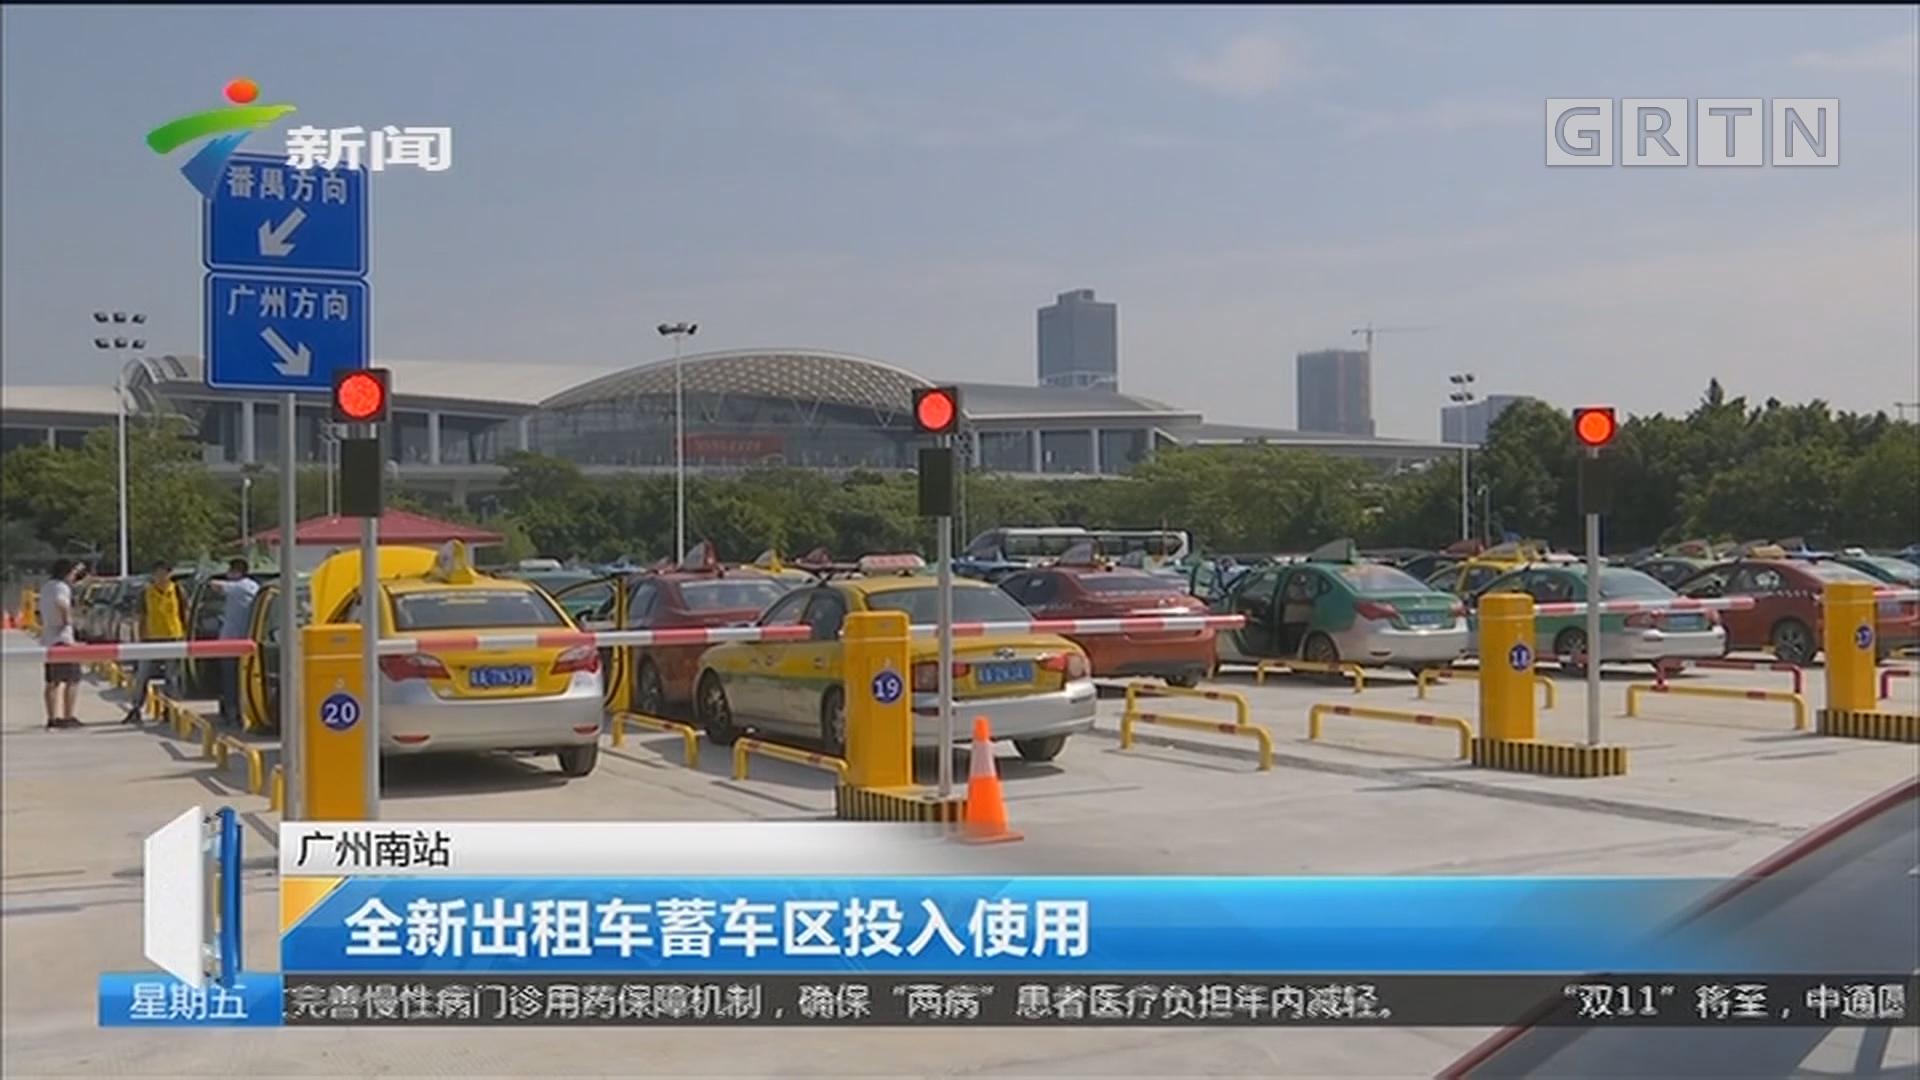 广州南站:全新出租车蓄车区投入使用